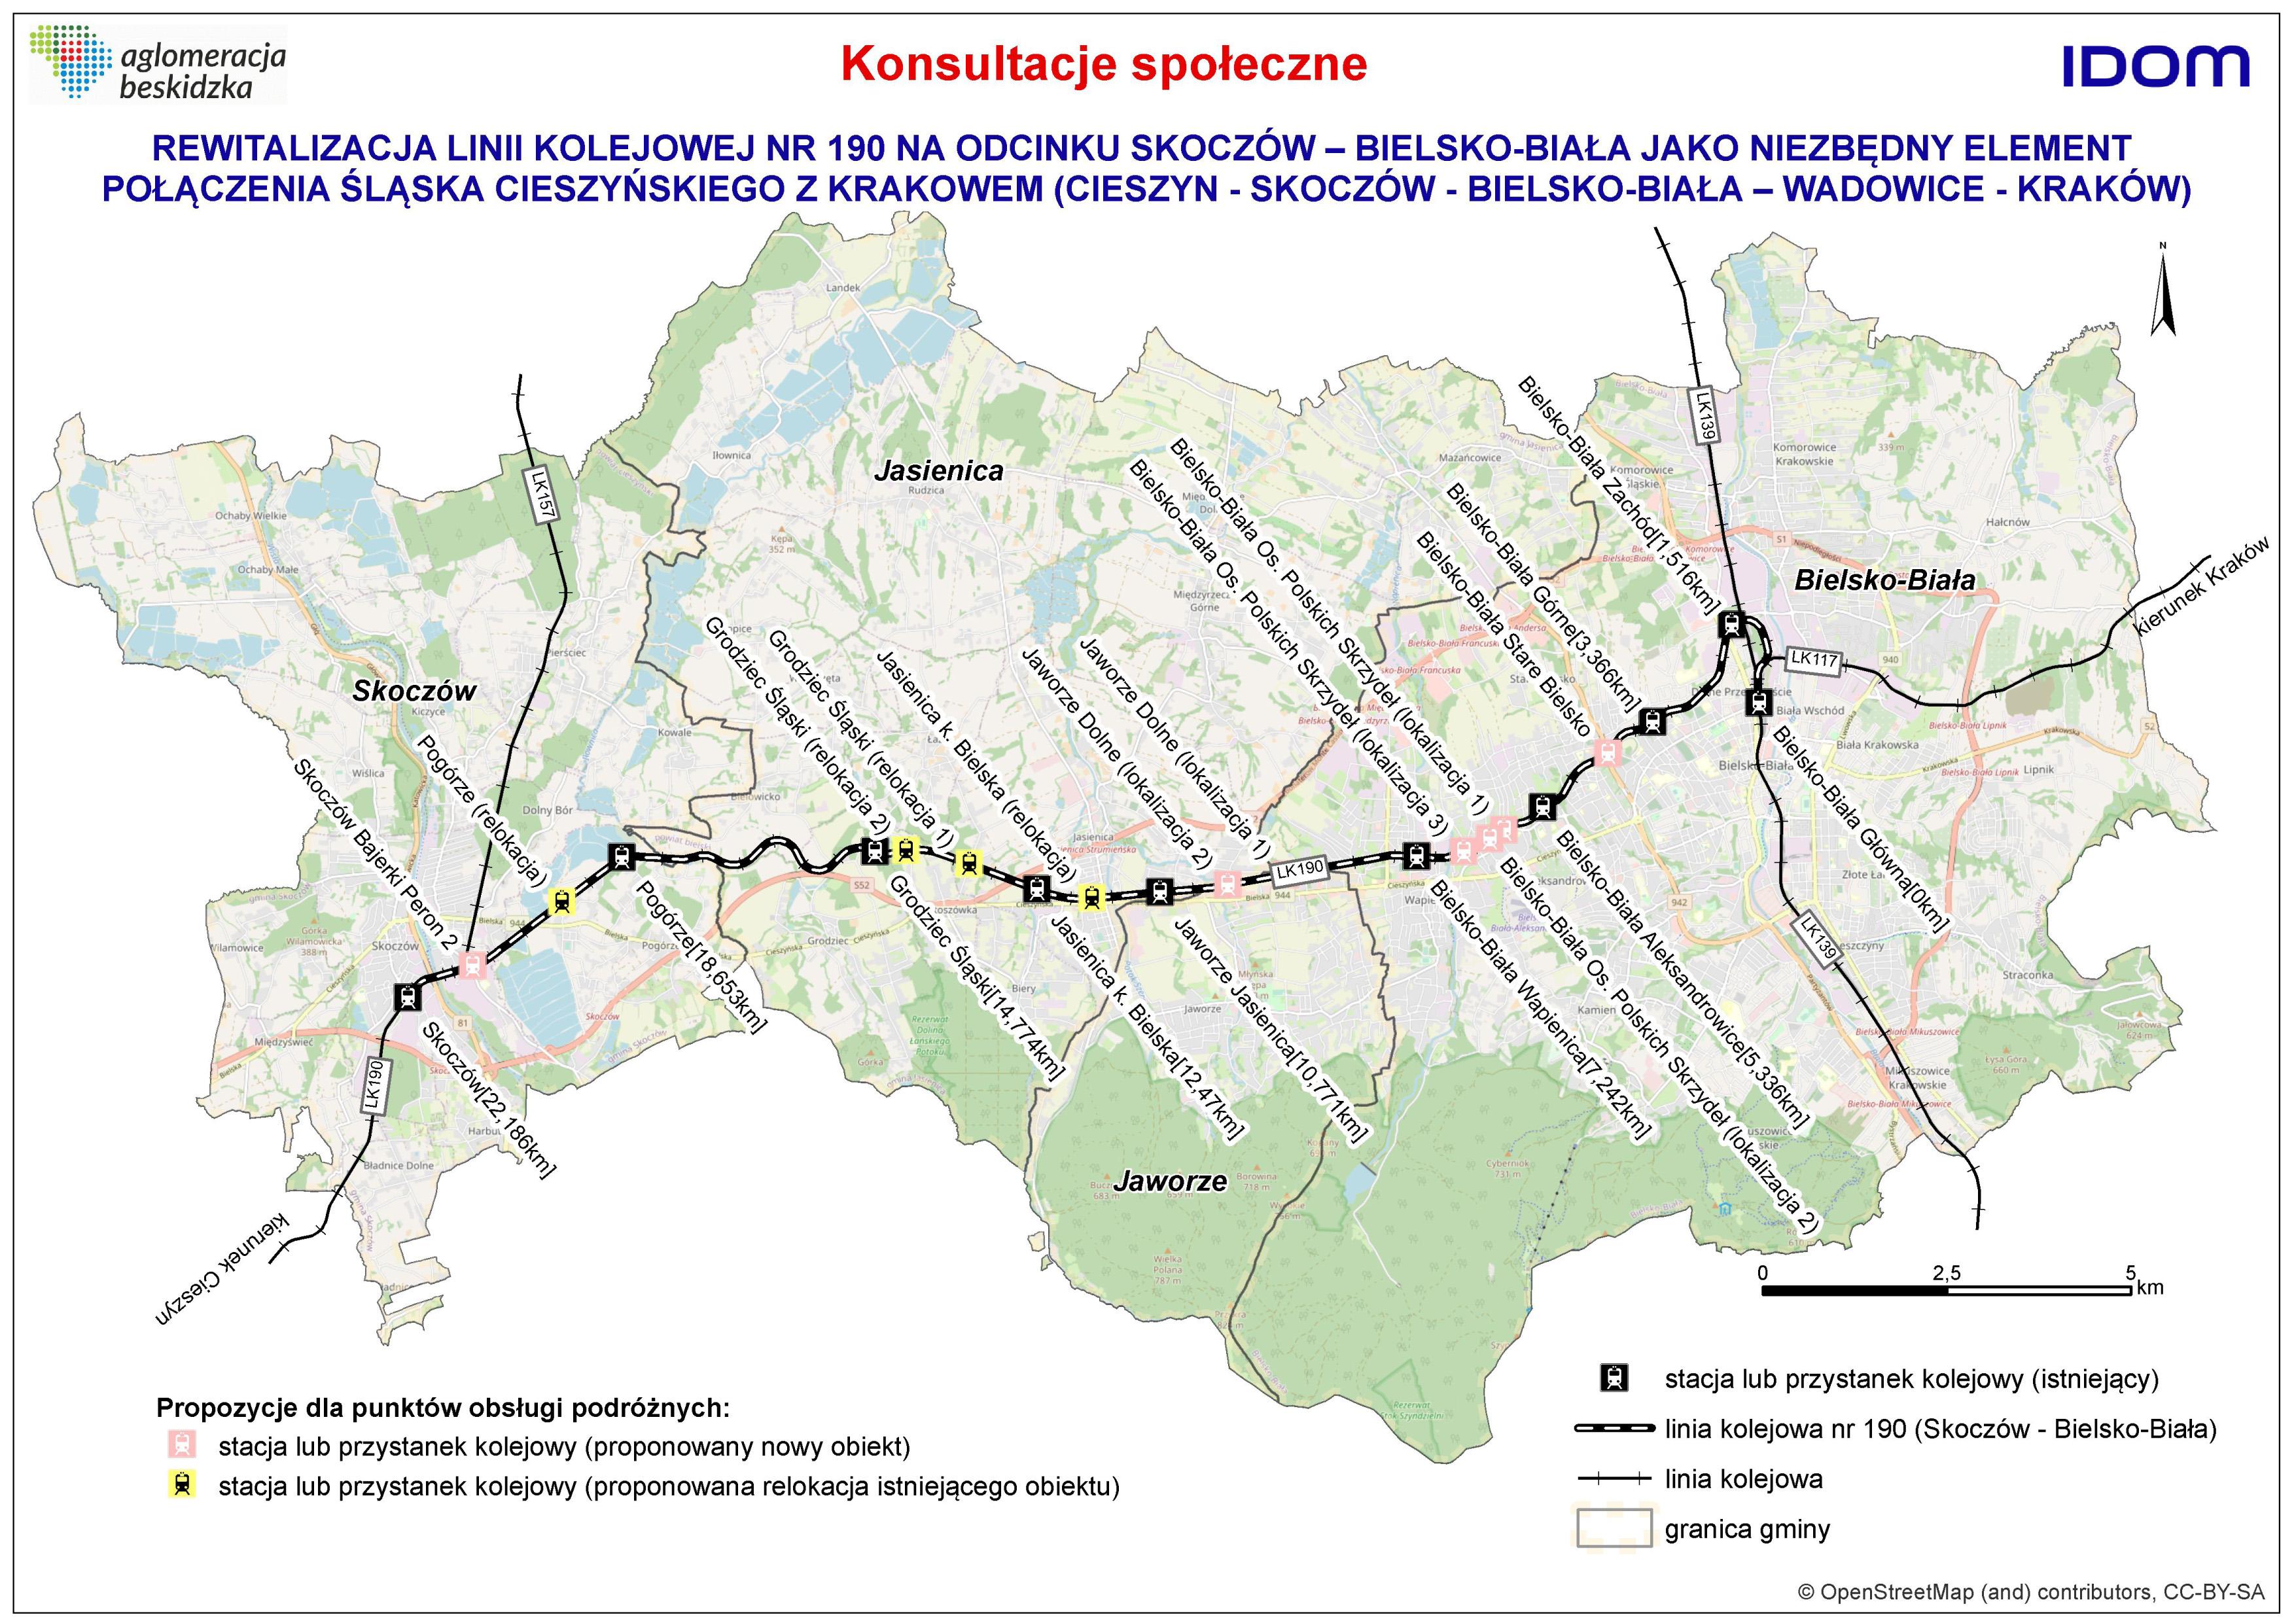 Konsultacje ws. rewitalizacji linii kolejowej nr 190